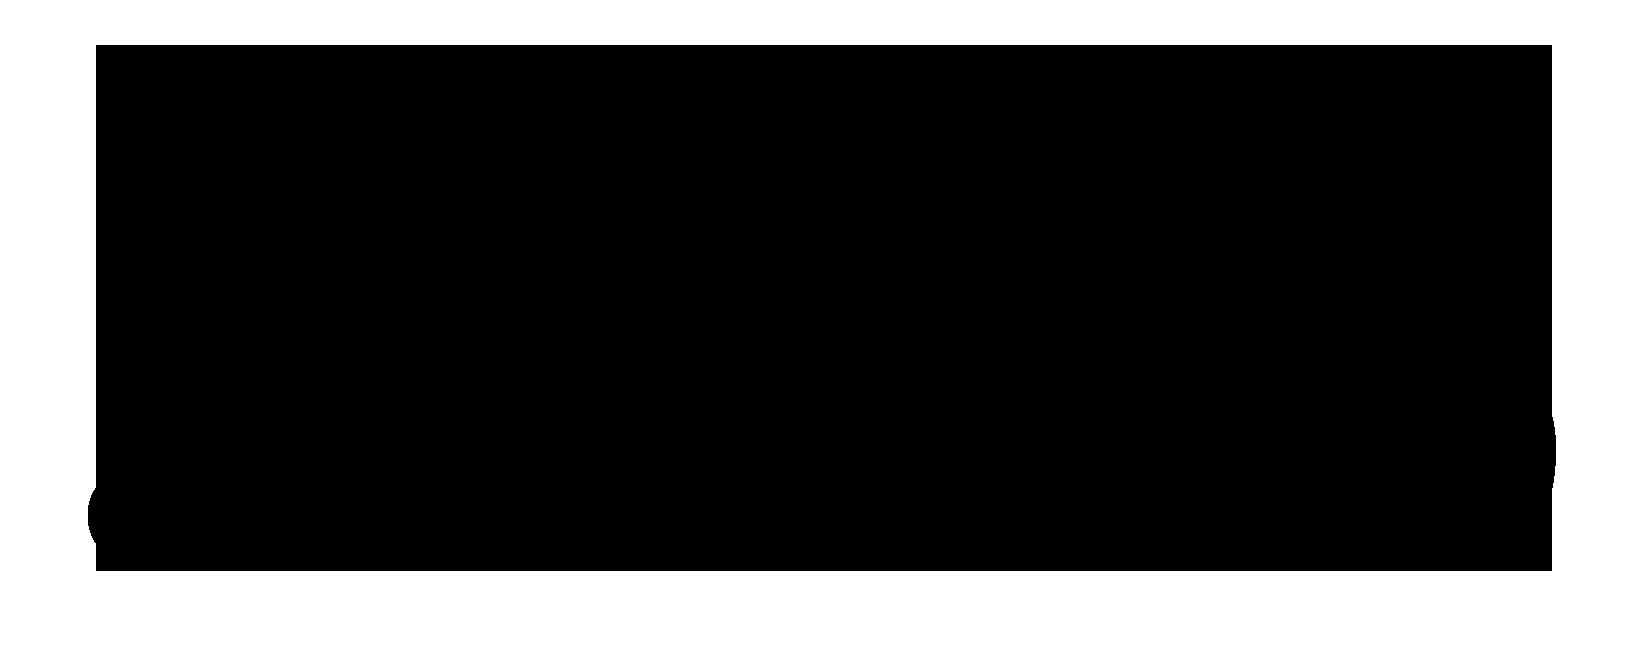 KSLV1240.png